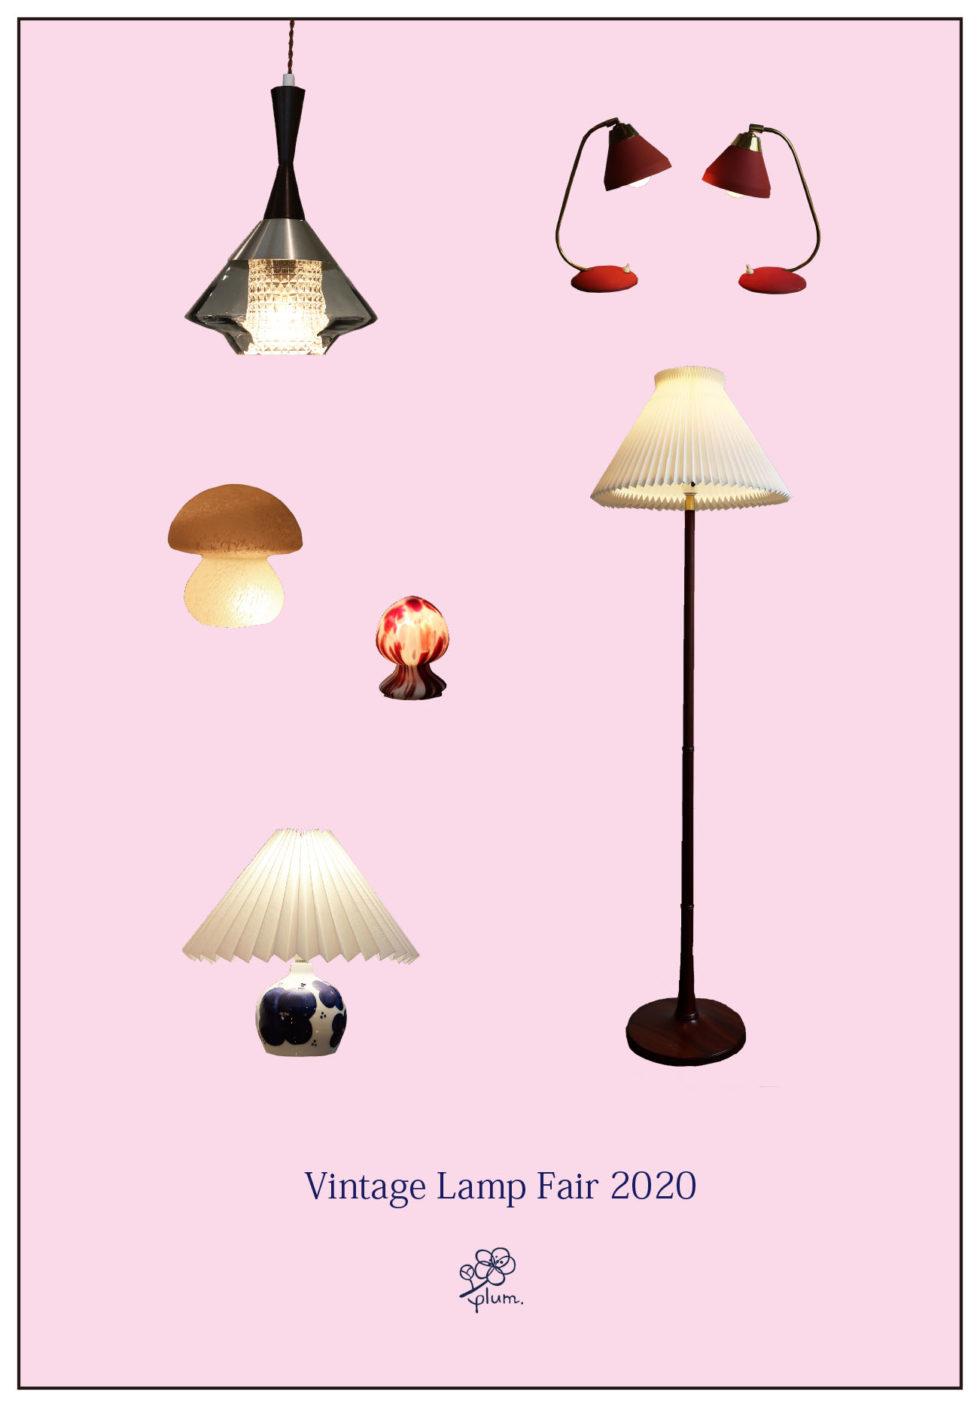 vintage lamp leklint orrefors rorstrand desklamp mushroom lamp ph royal copenhagen fog morup